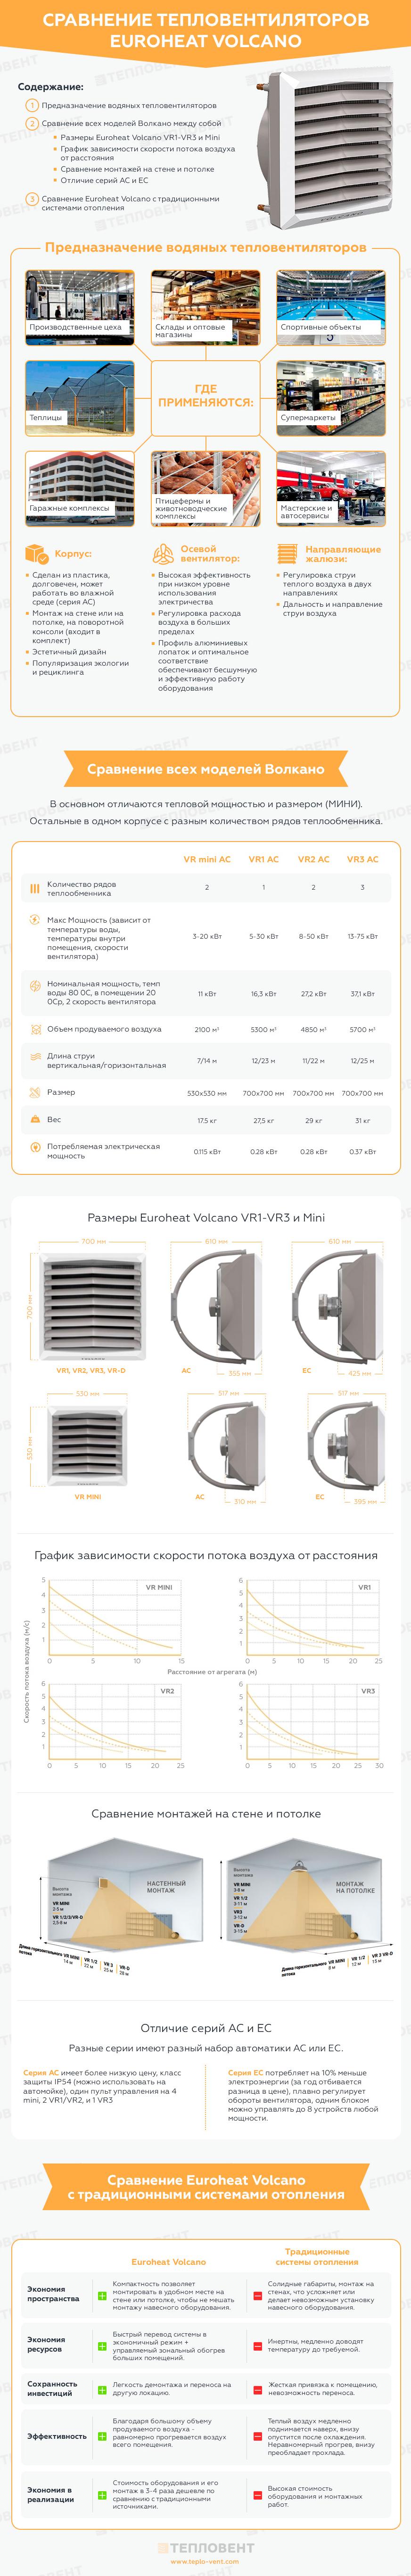 Инфографика Сравнение водяных тепловентиляторов Euroheat Volcano VR1-VR3 и Mini